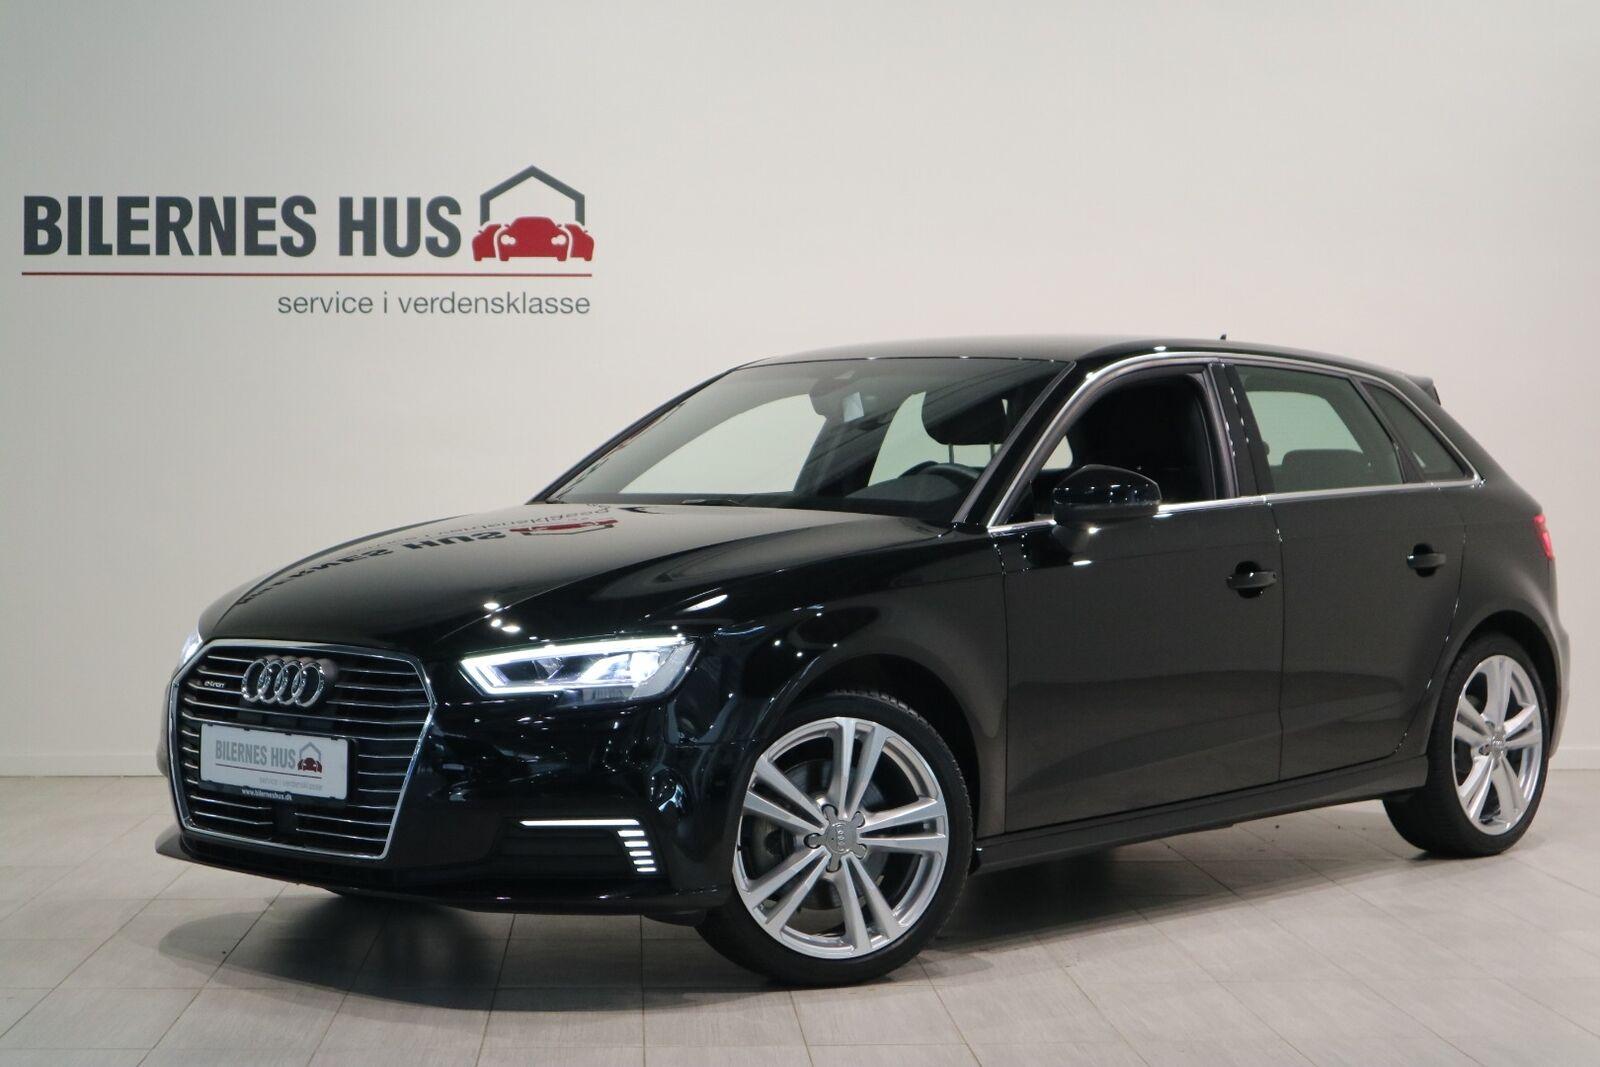 Audi A3 Billede 7